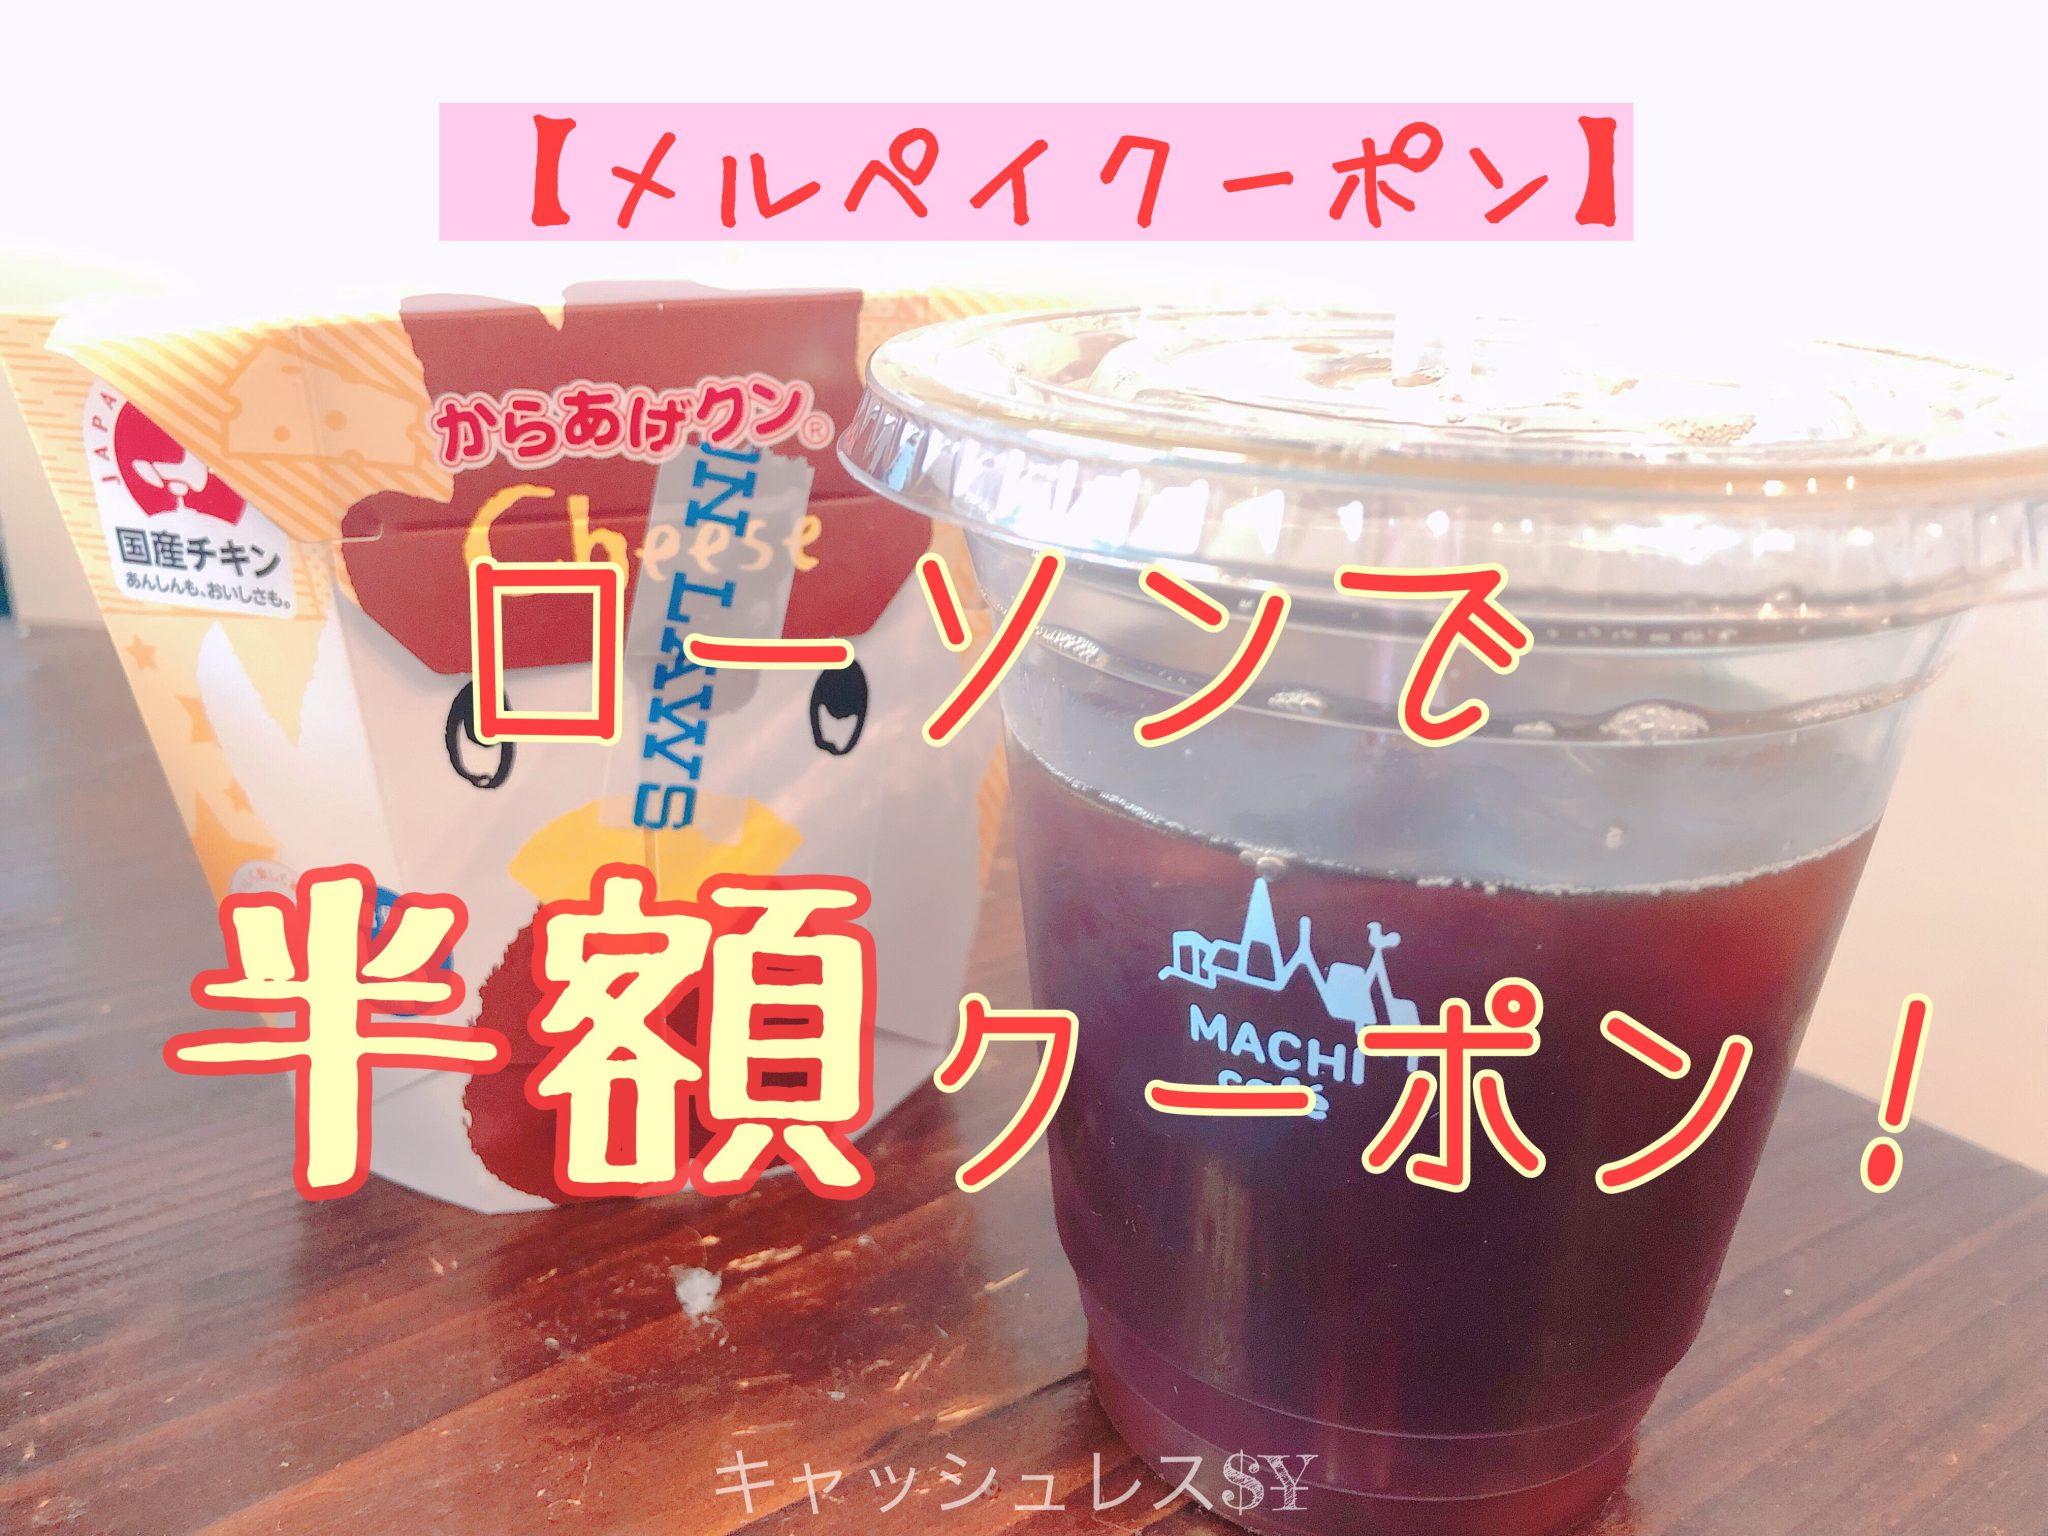 【メルペイローソンクーポン】マチカフェとからあげクンが半額!